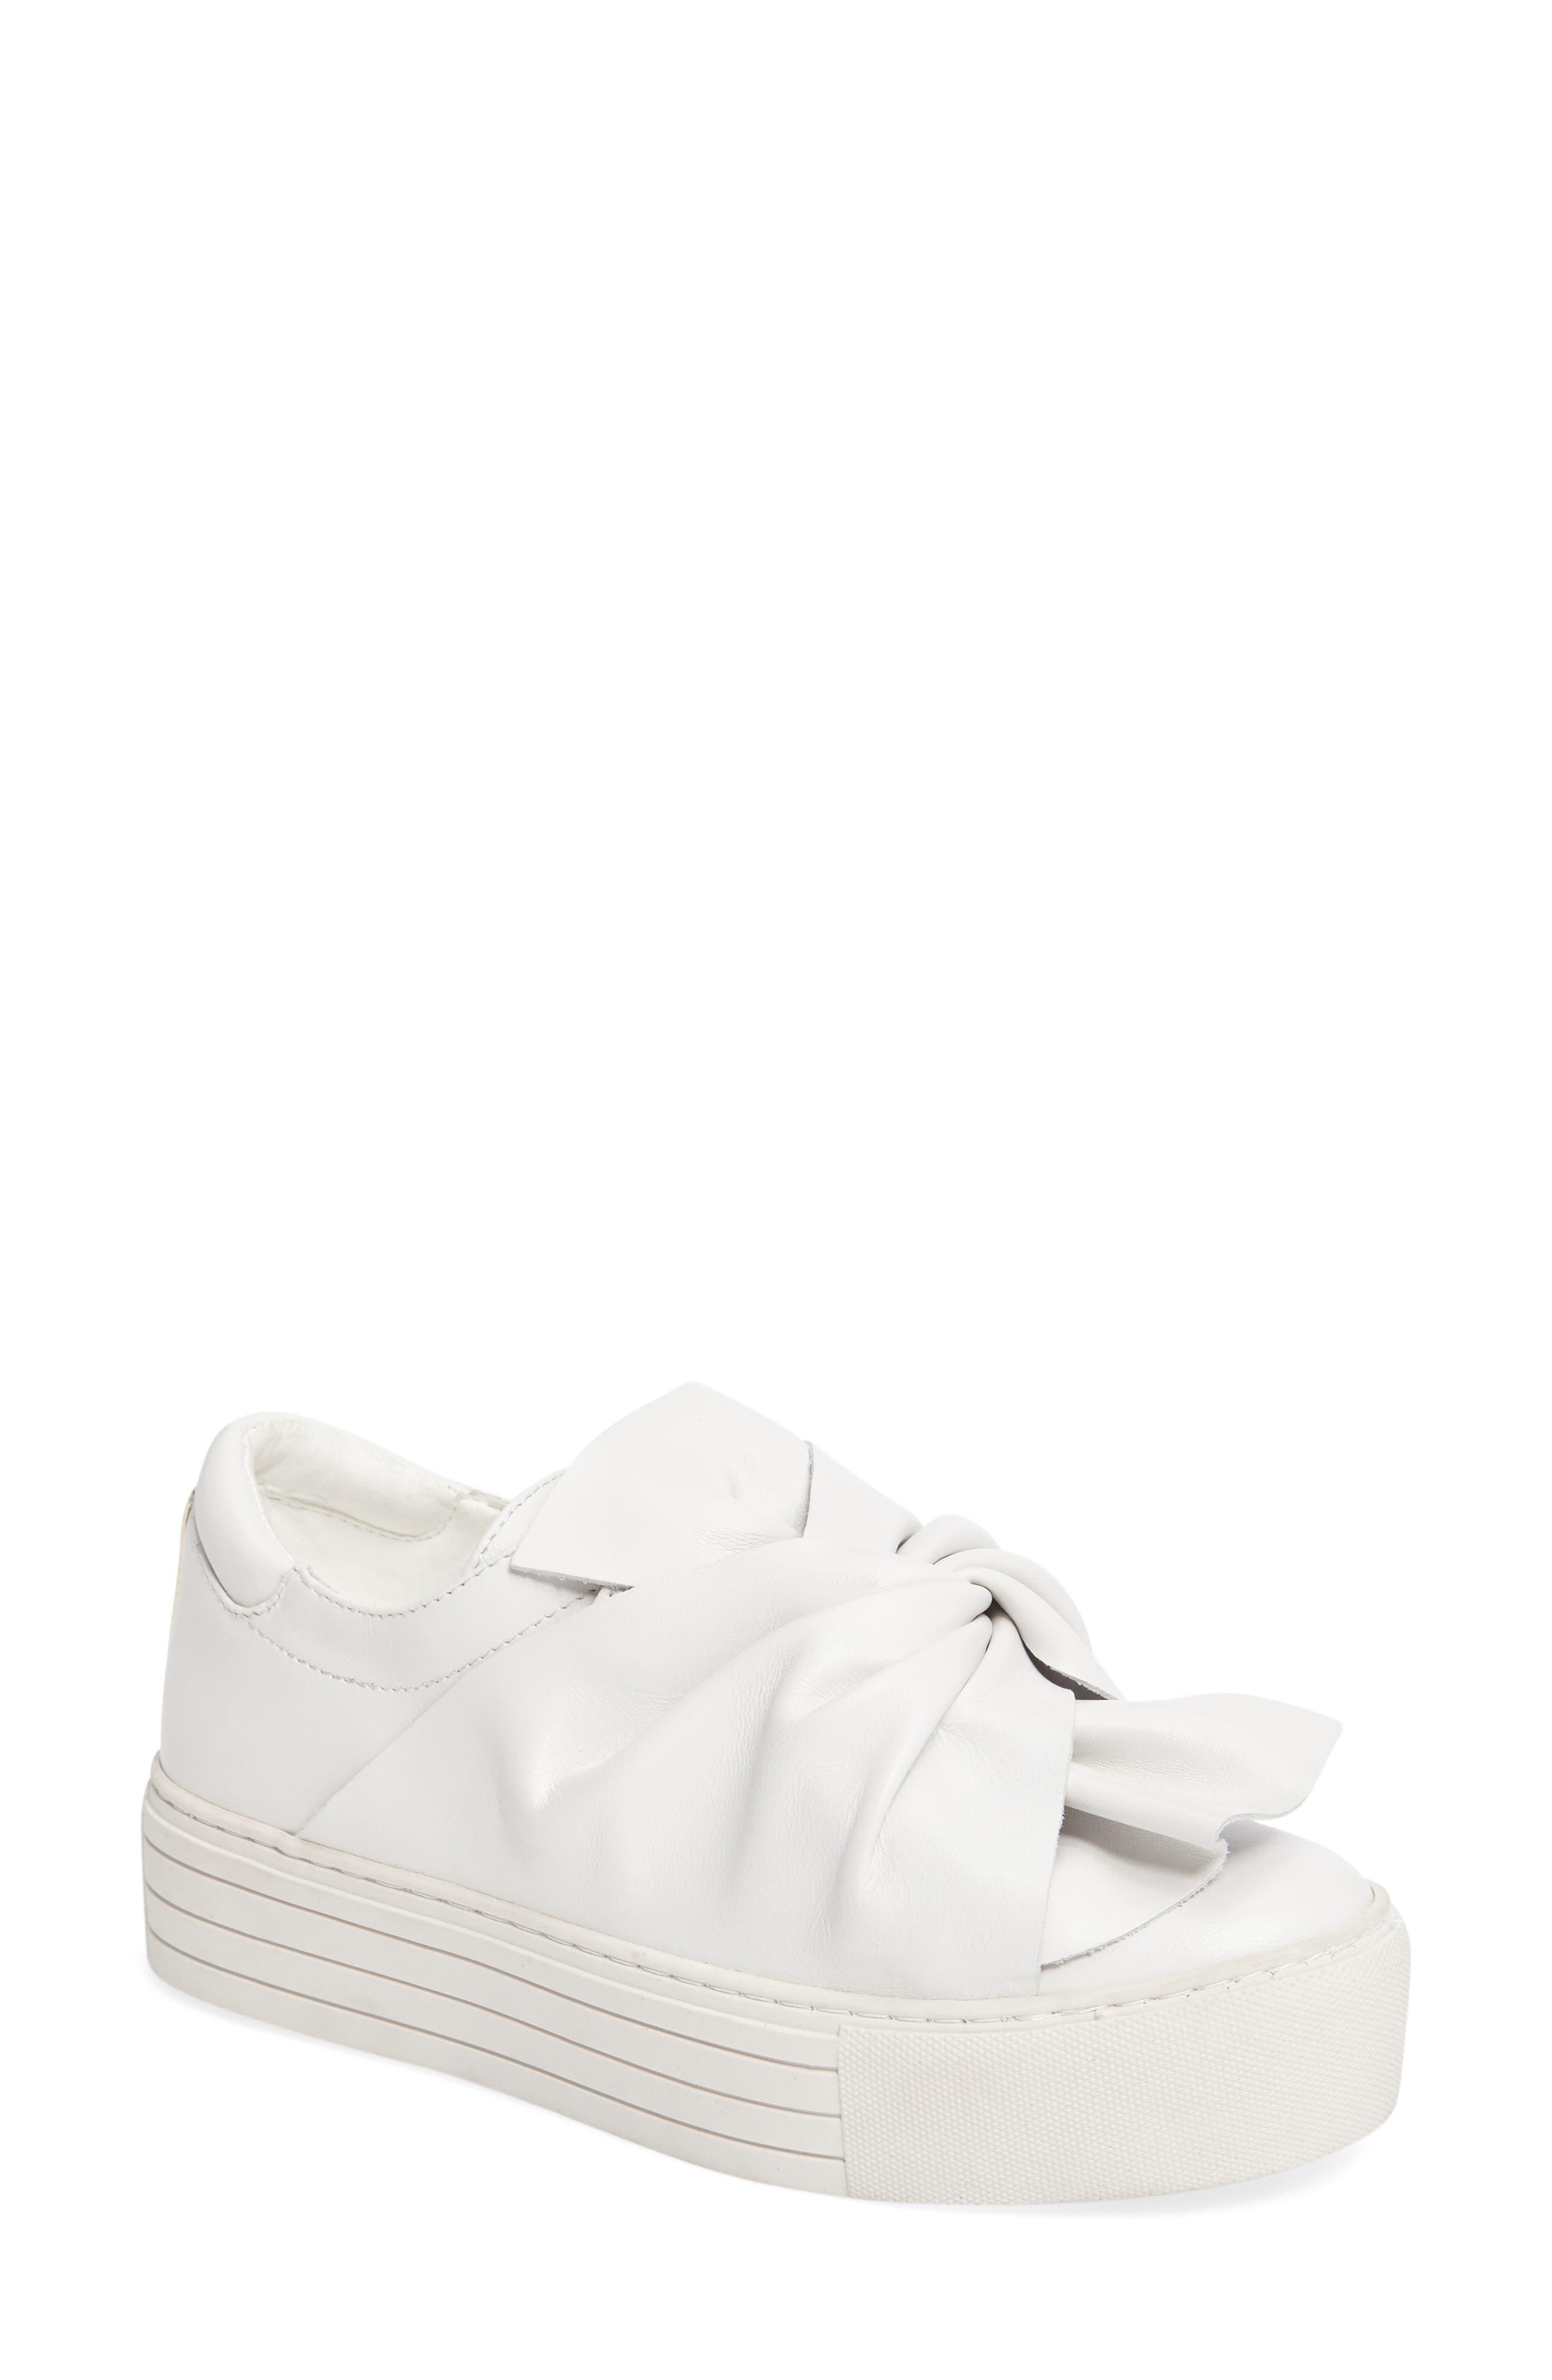 Kenneth Cole Aaron Twisted Knot Flatform Sneaker (Women)